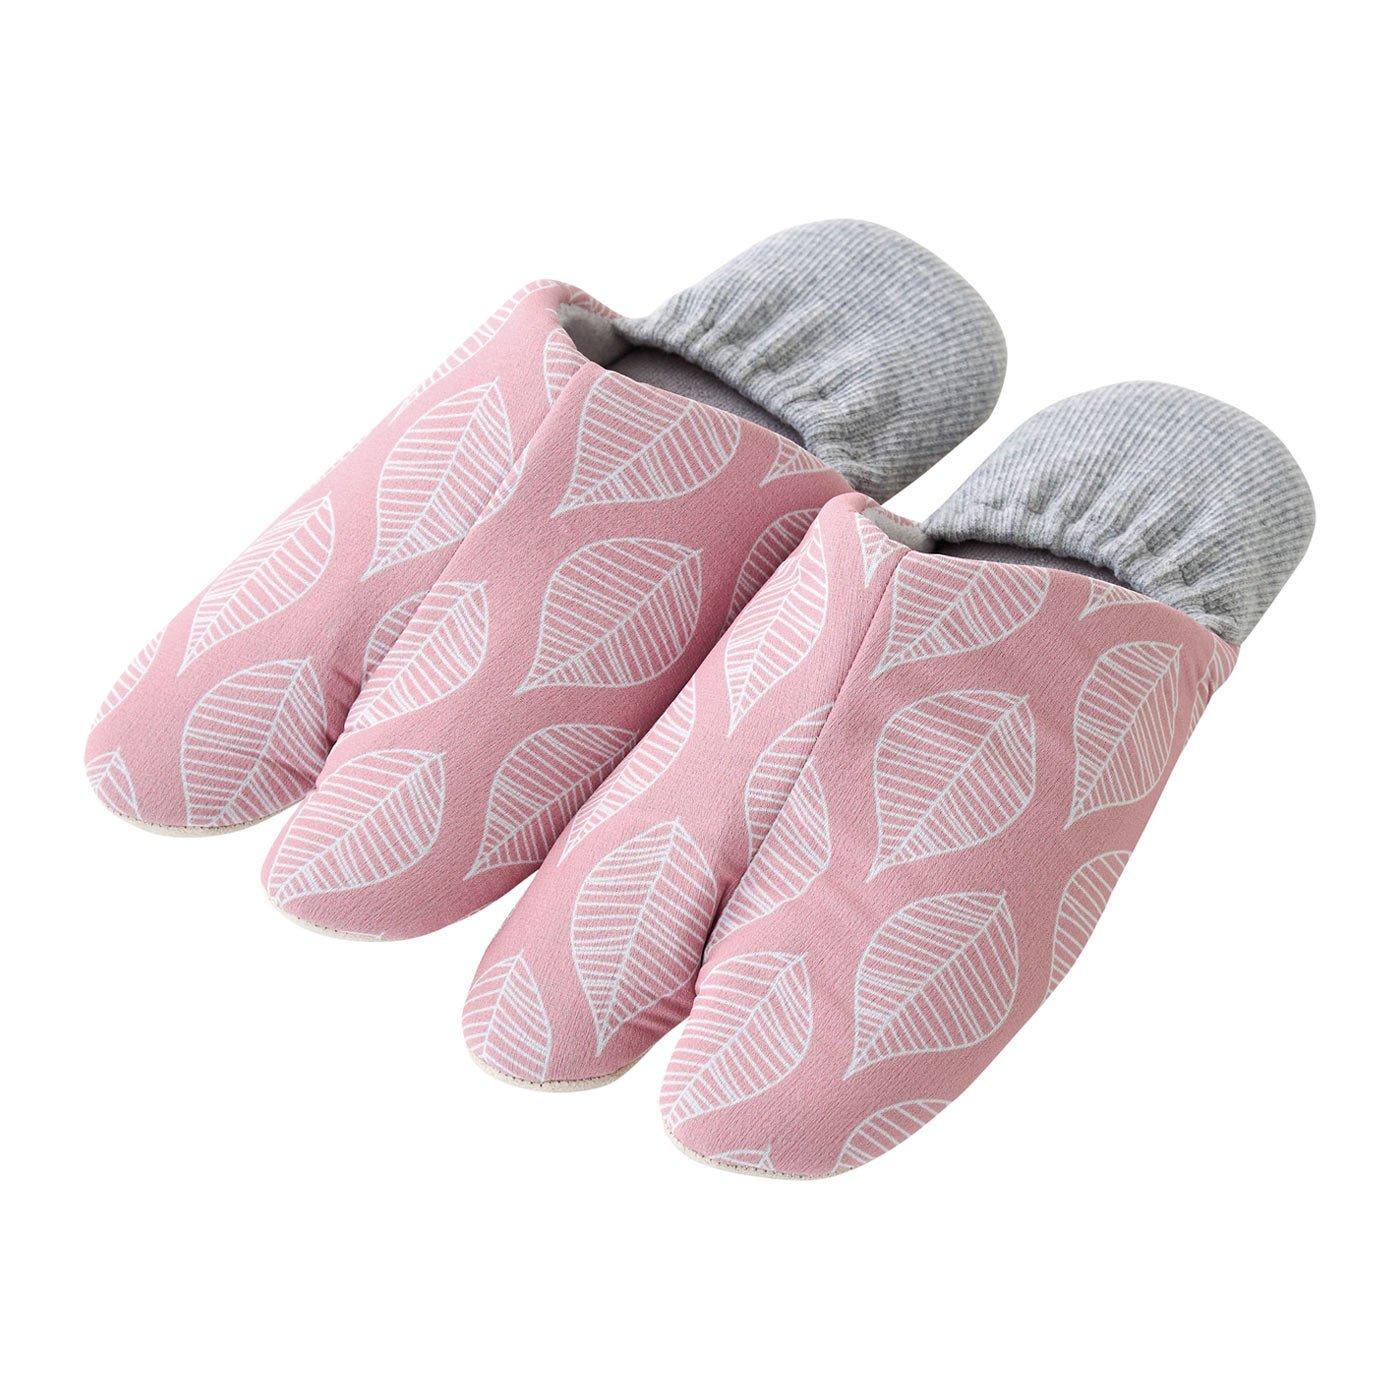 足袋形状が気持ちいい 新感覚スリッパTABINPA